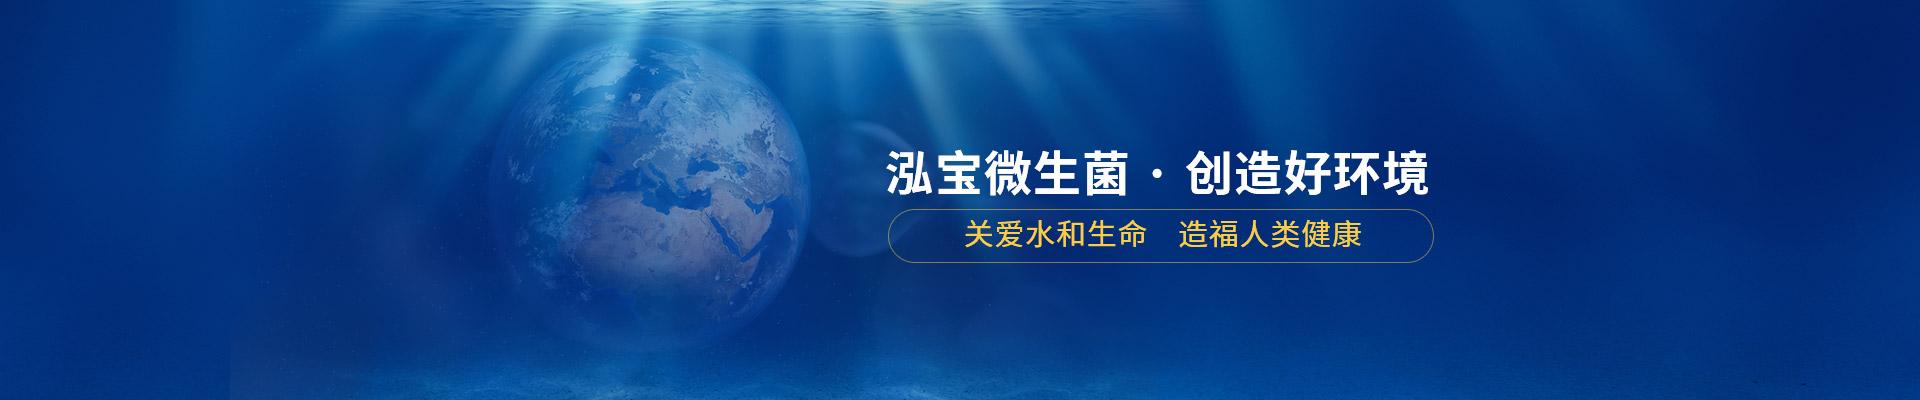 泓宝微生菌 · 创造好环境    关爱水和生命,造福人类健康